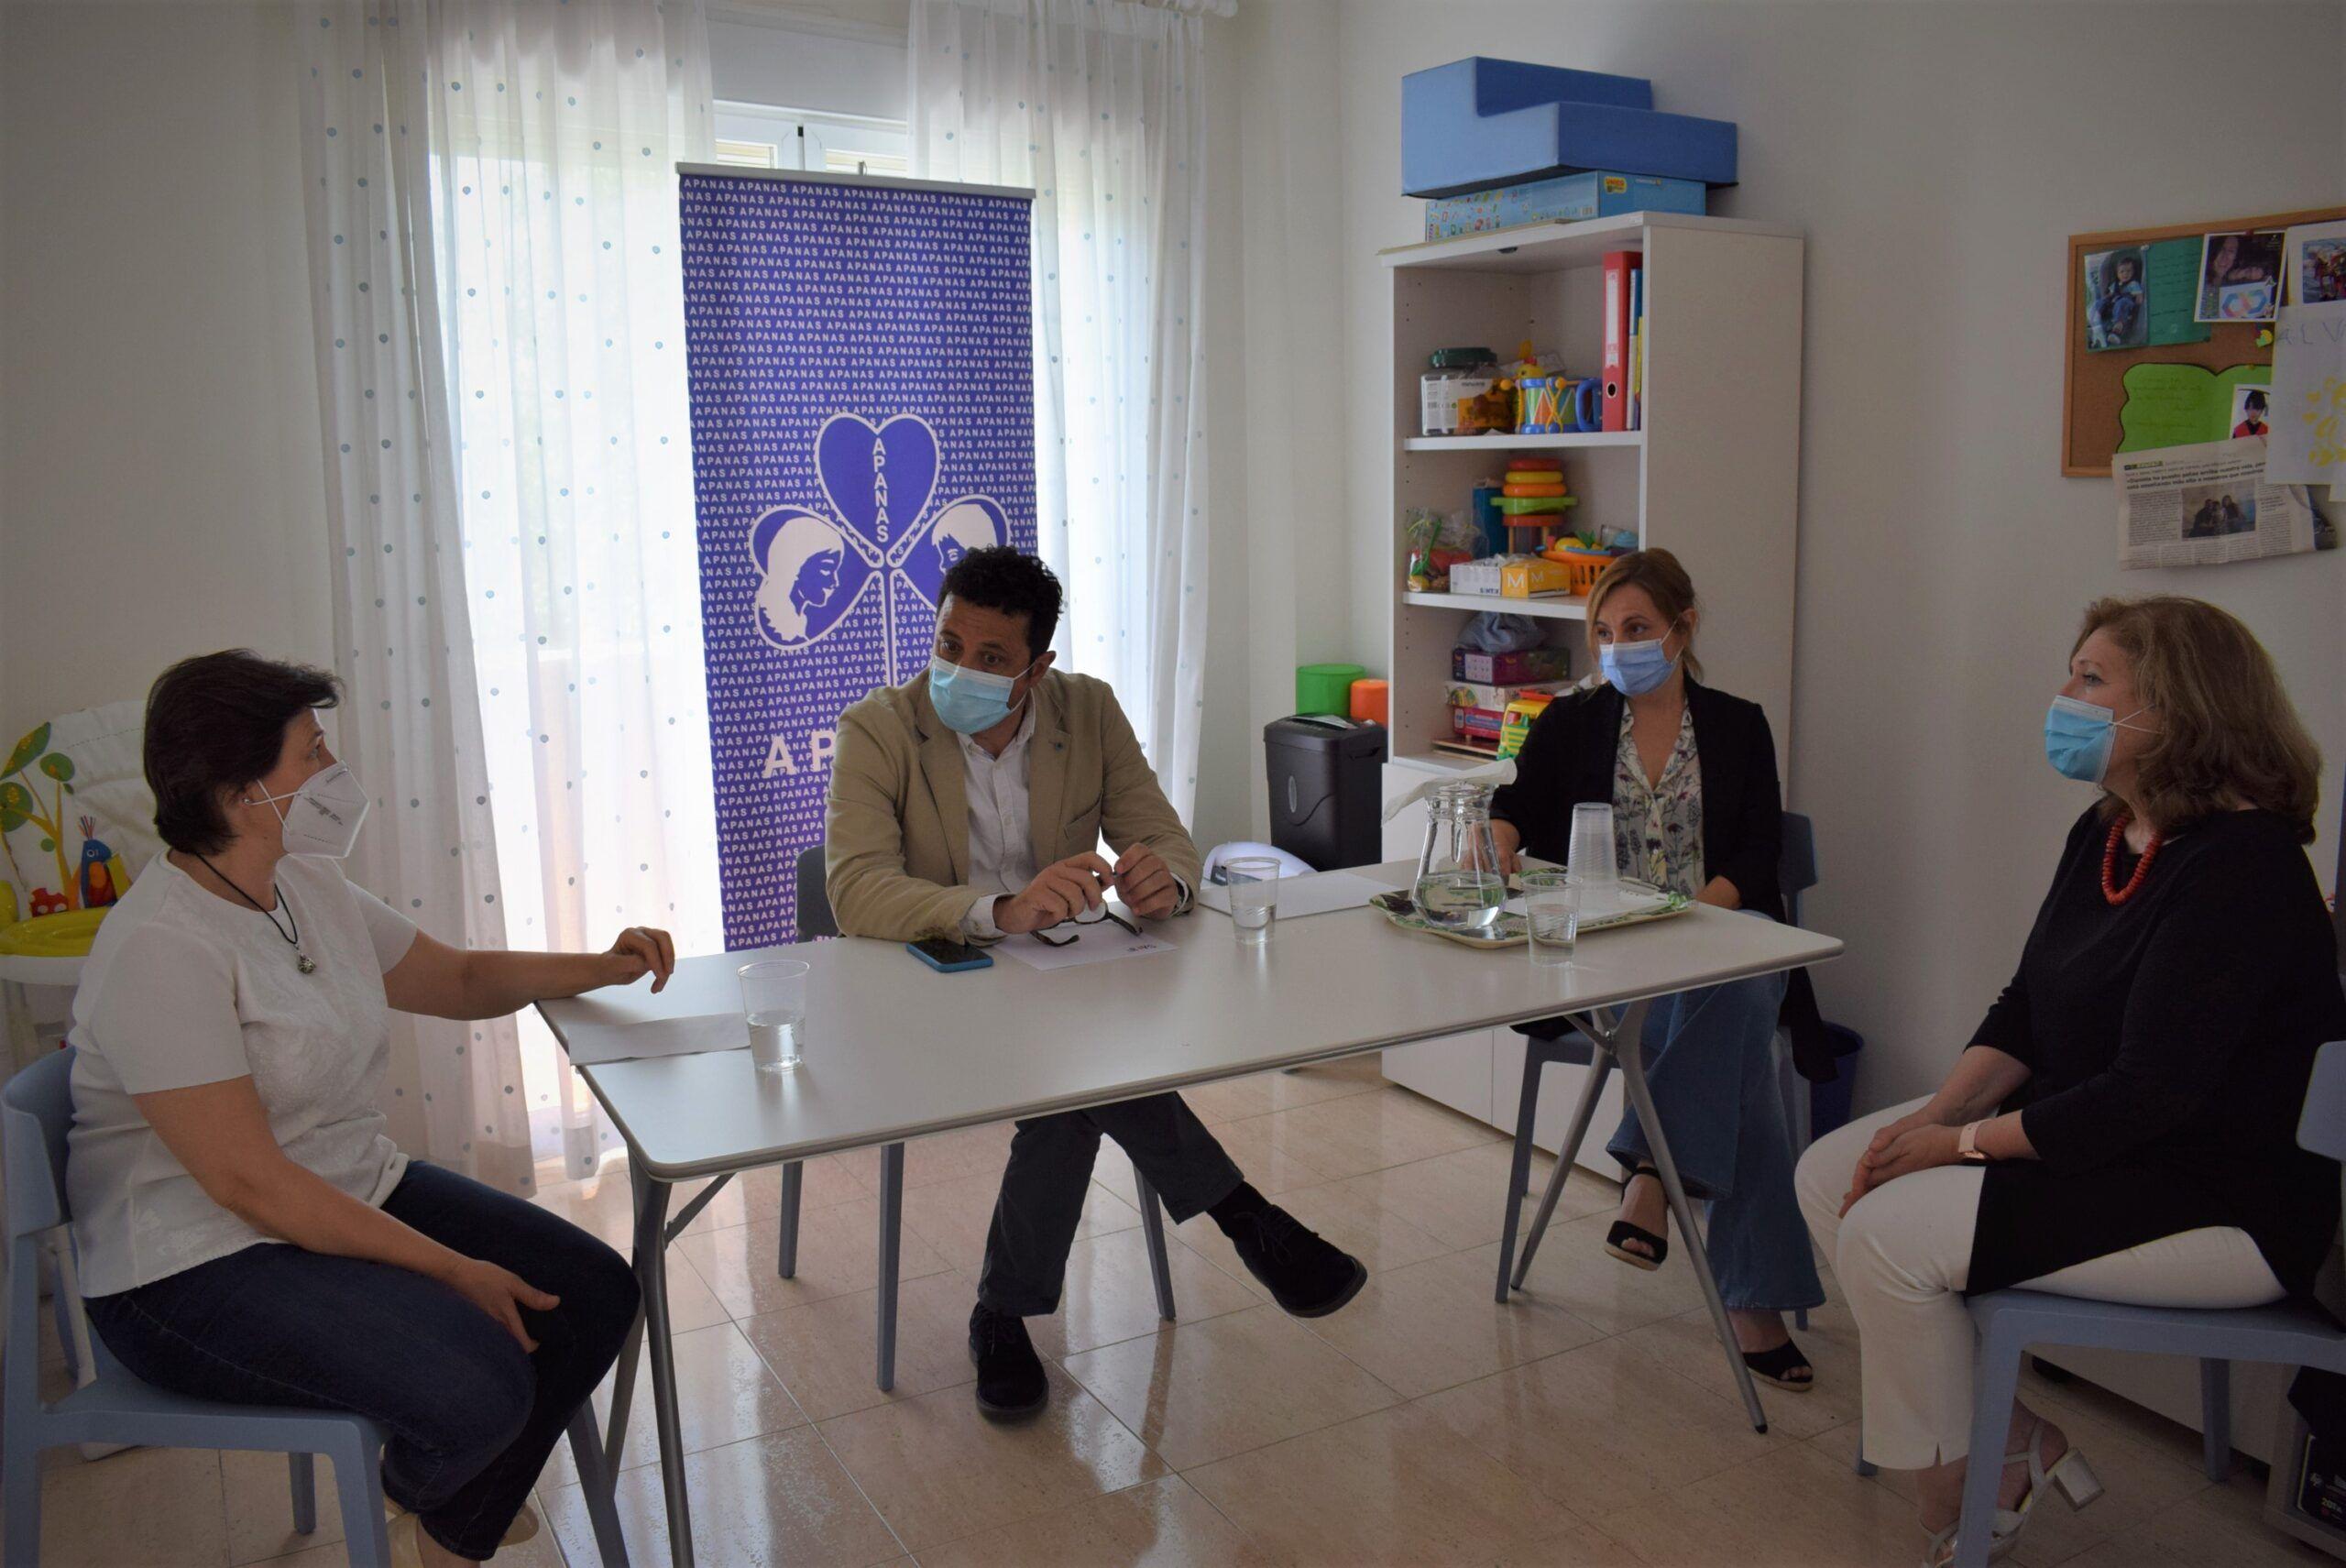 El Gobierno regional ha destinado más de 15,5 millones de euros en ayudas a la discapacidad a 24 entidades sociales de la provincia de Toledo